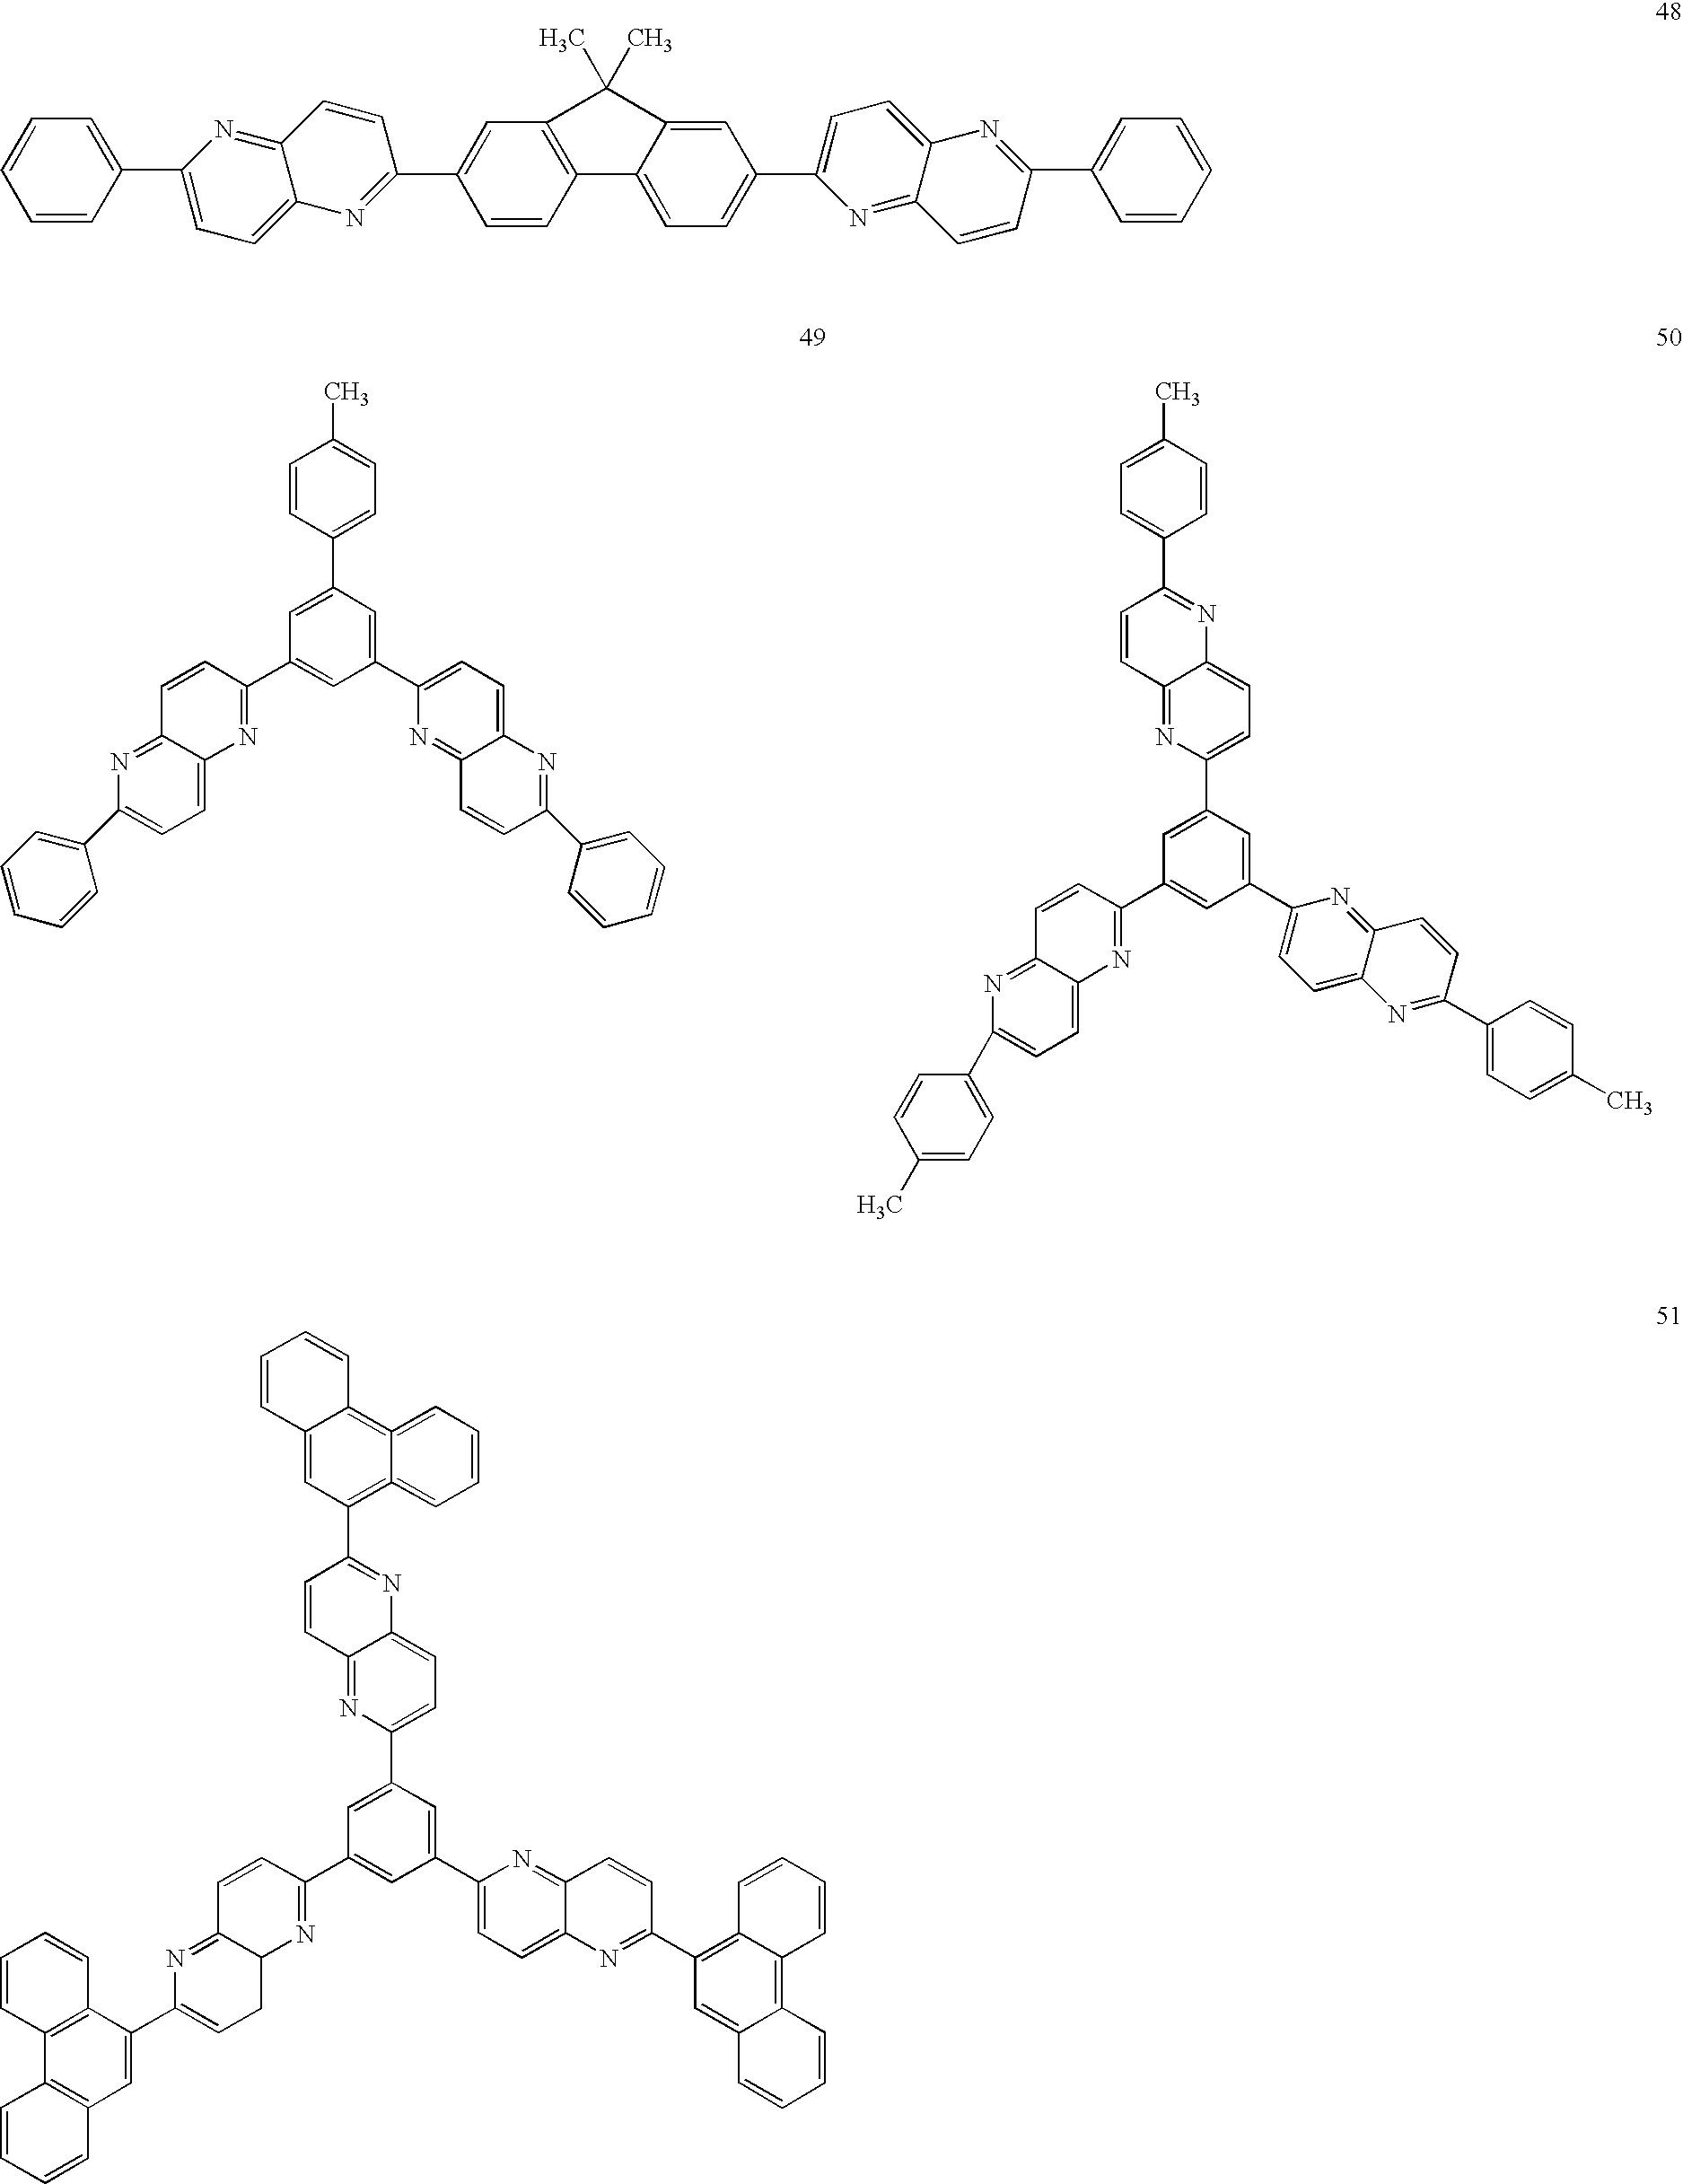 Figure US20080116789A1-20080522-C00013